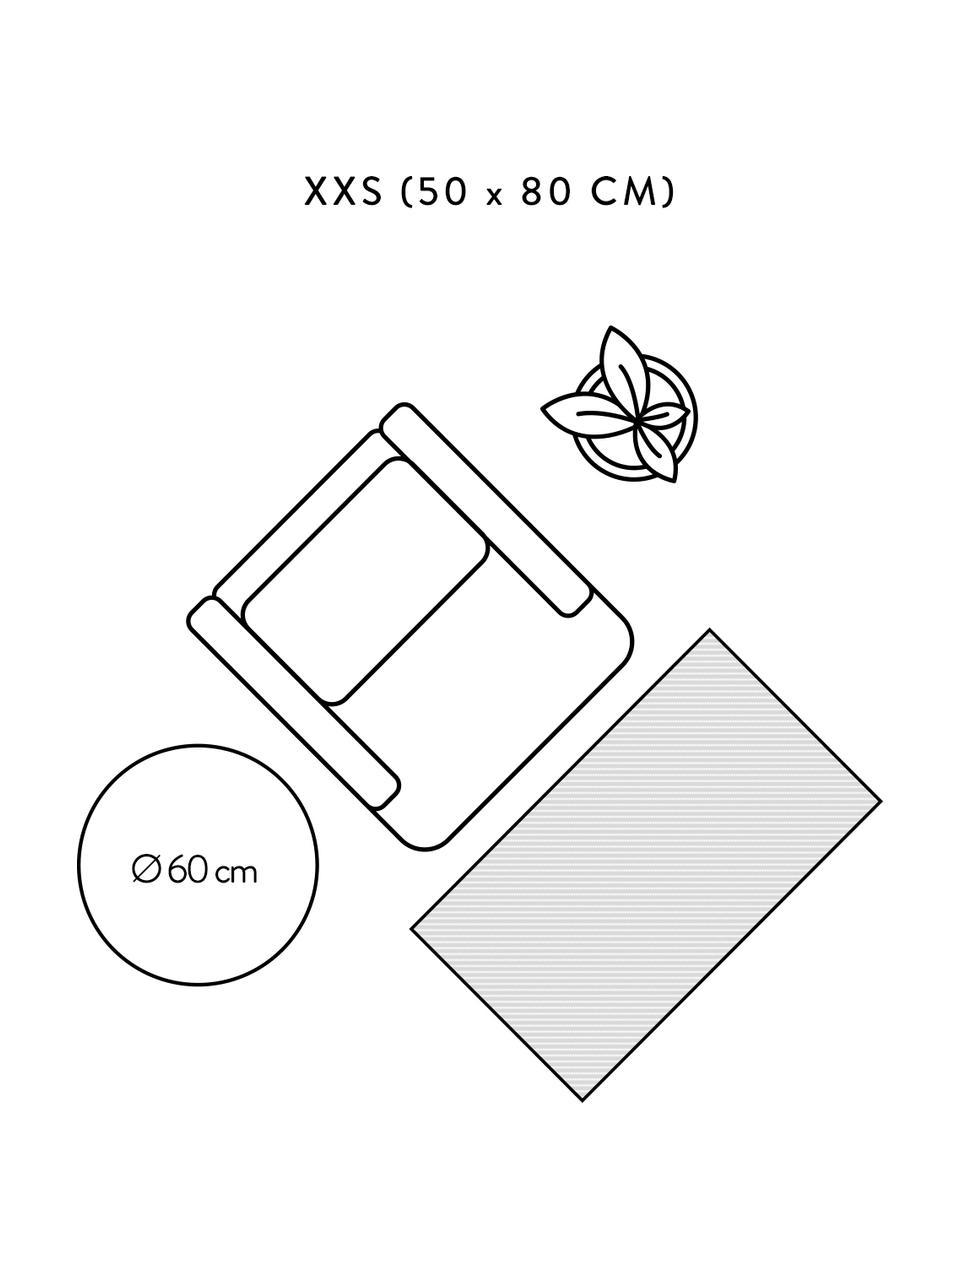 Handgeweven katoenen vloerkleed Jasmine in beige/taupe in vintage stijl, Beige, B 50 x L 80 cm (maat XXS)